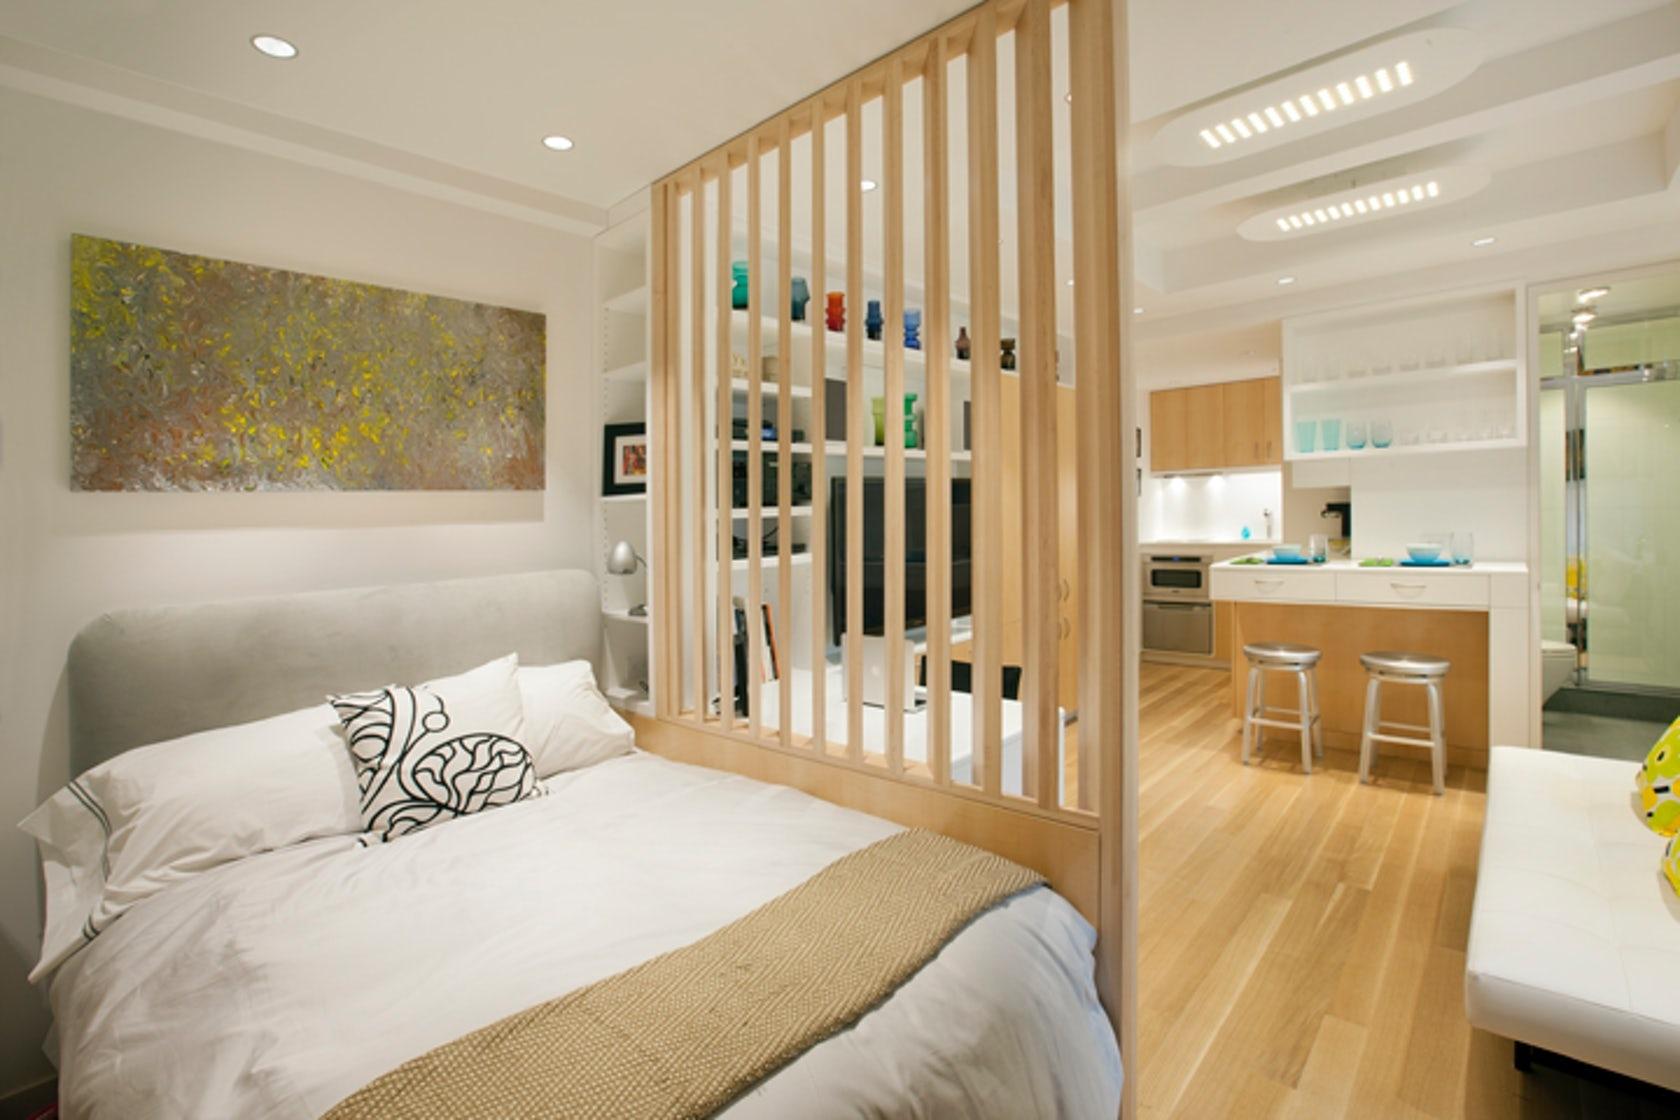 Кровать для однокомнатной квартиры фото мой